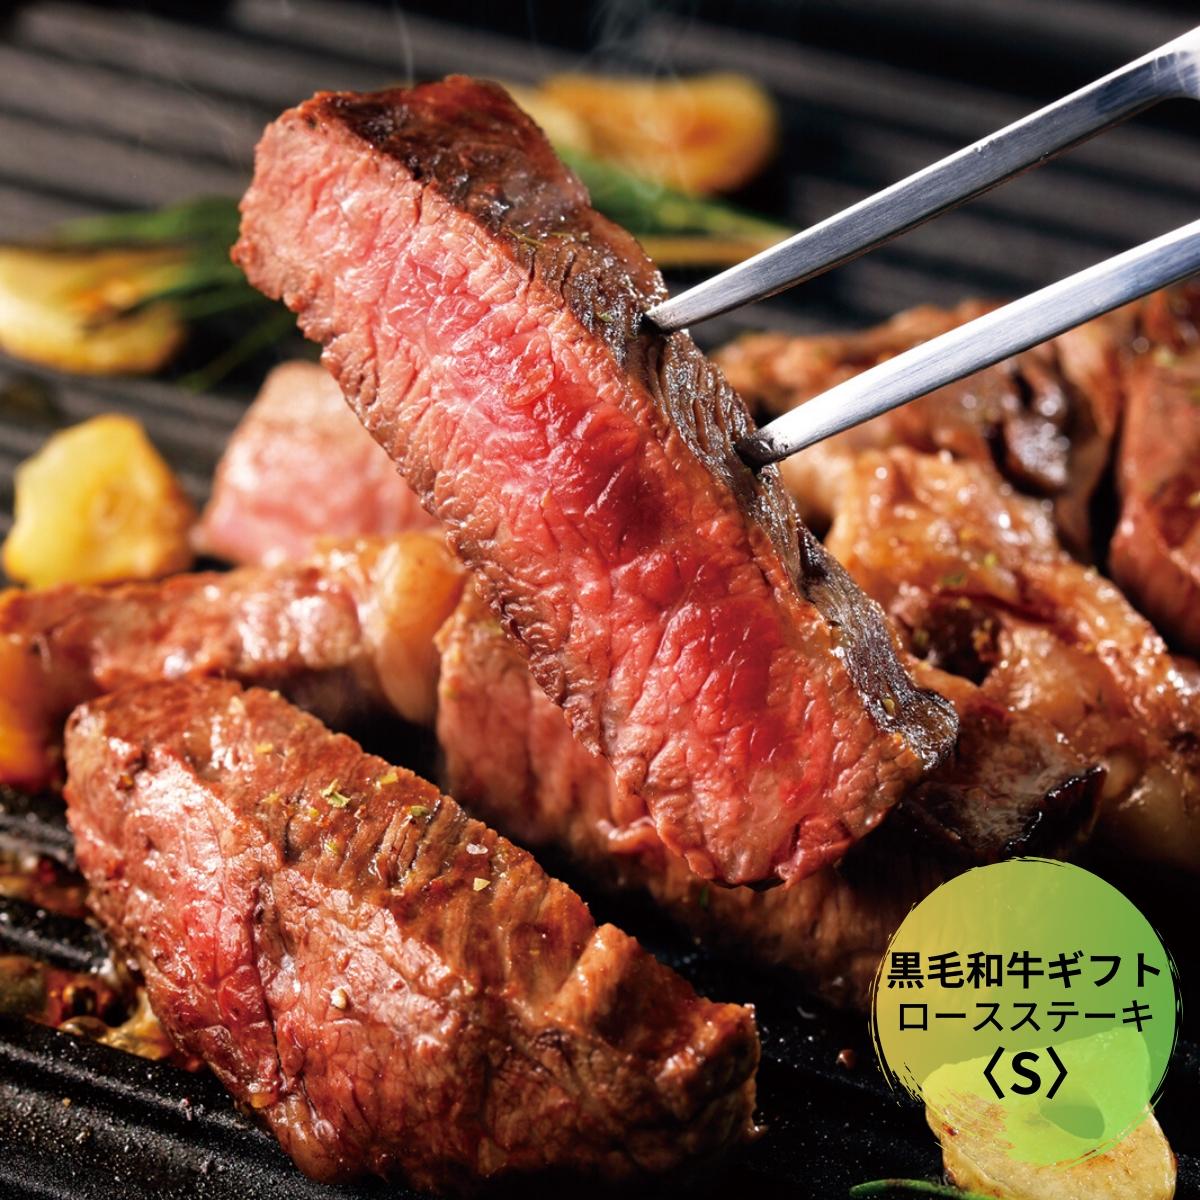 お得 ふるさと納税 超歓迎された 広島県 なかやま牧場 黒毛和牛ギフト ロースステーキ 〈S〉